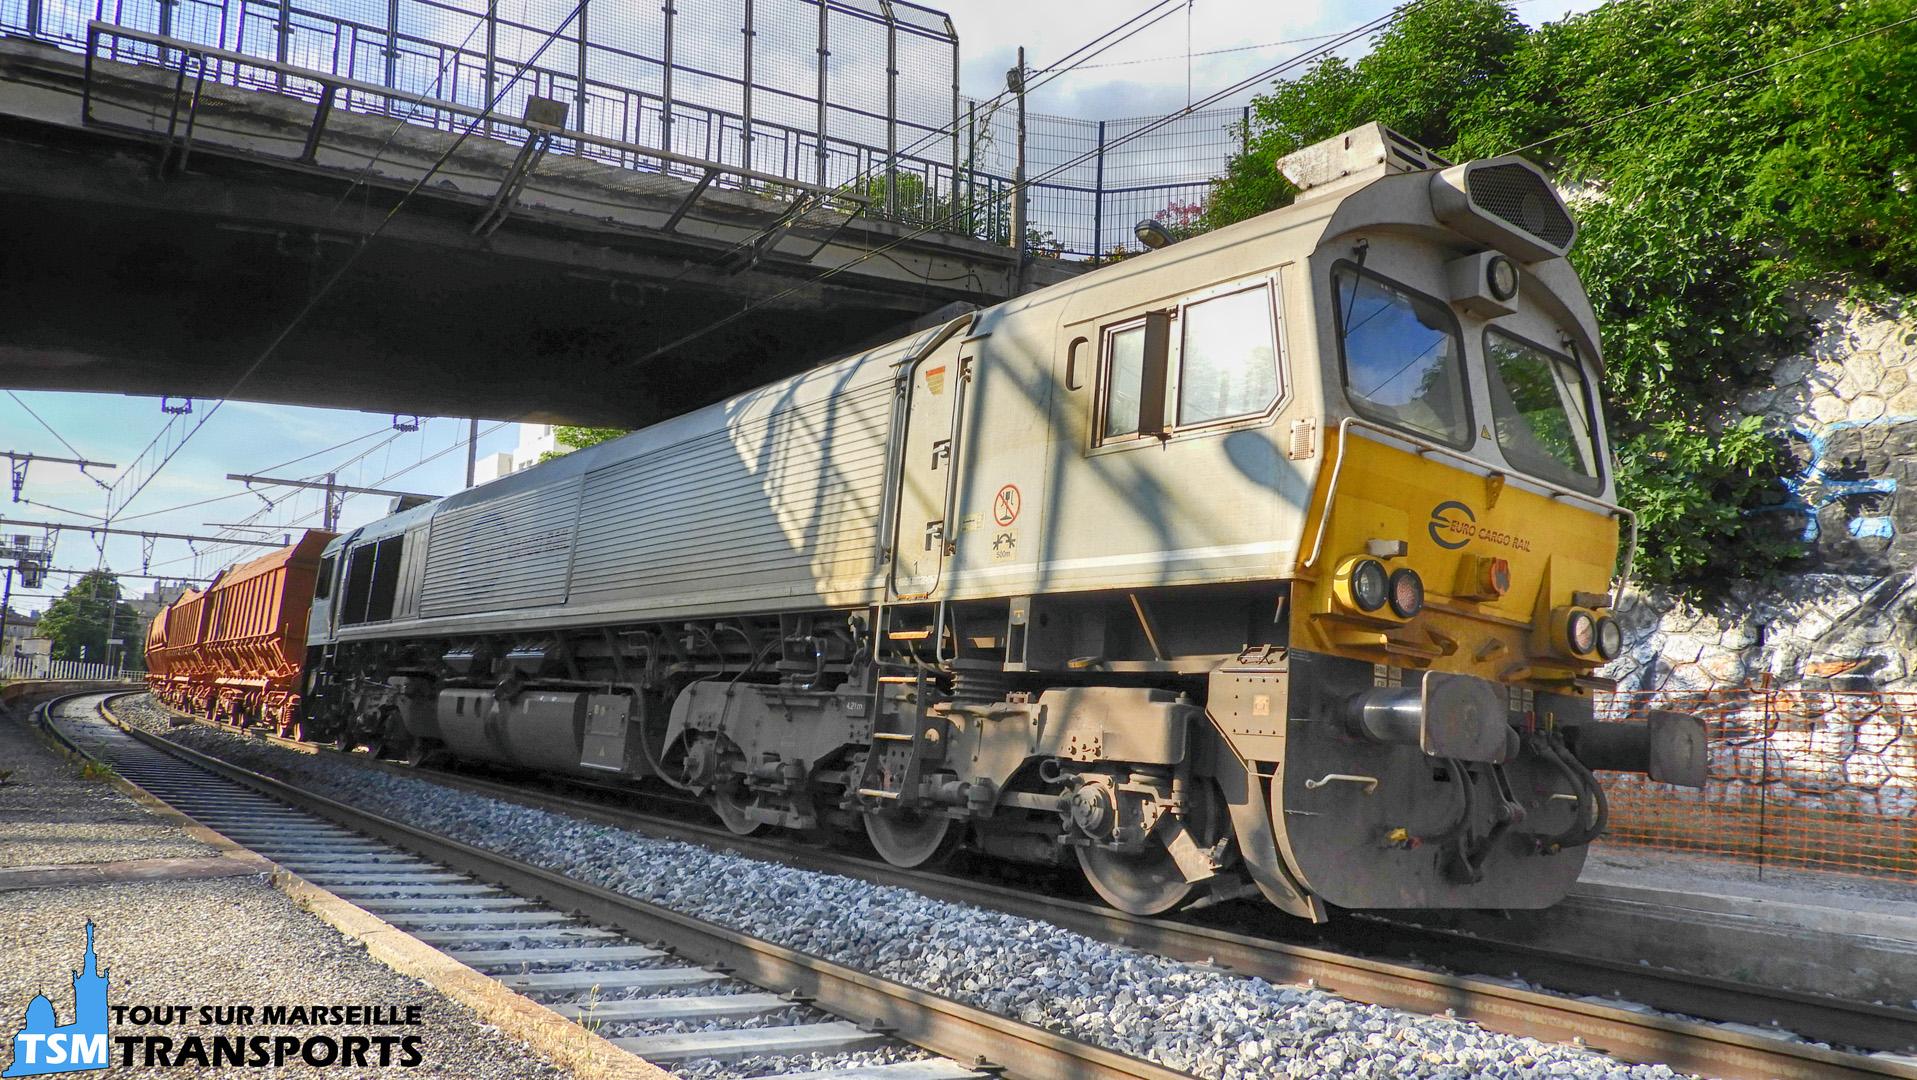 EMD Class77 qui assure le train de bauxite, exceptionnellement en déviation à la Gare de Marseille Blancarde